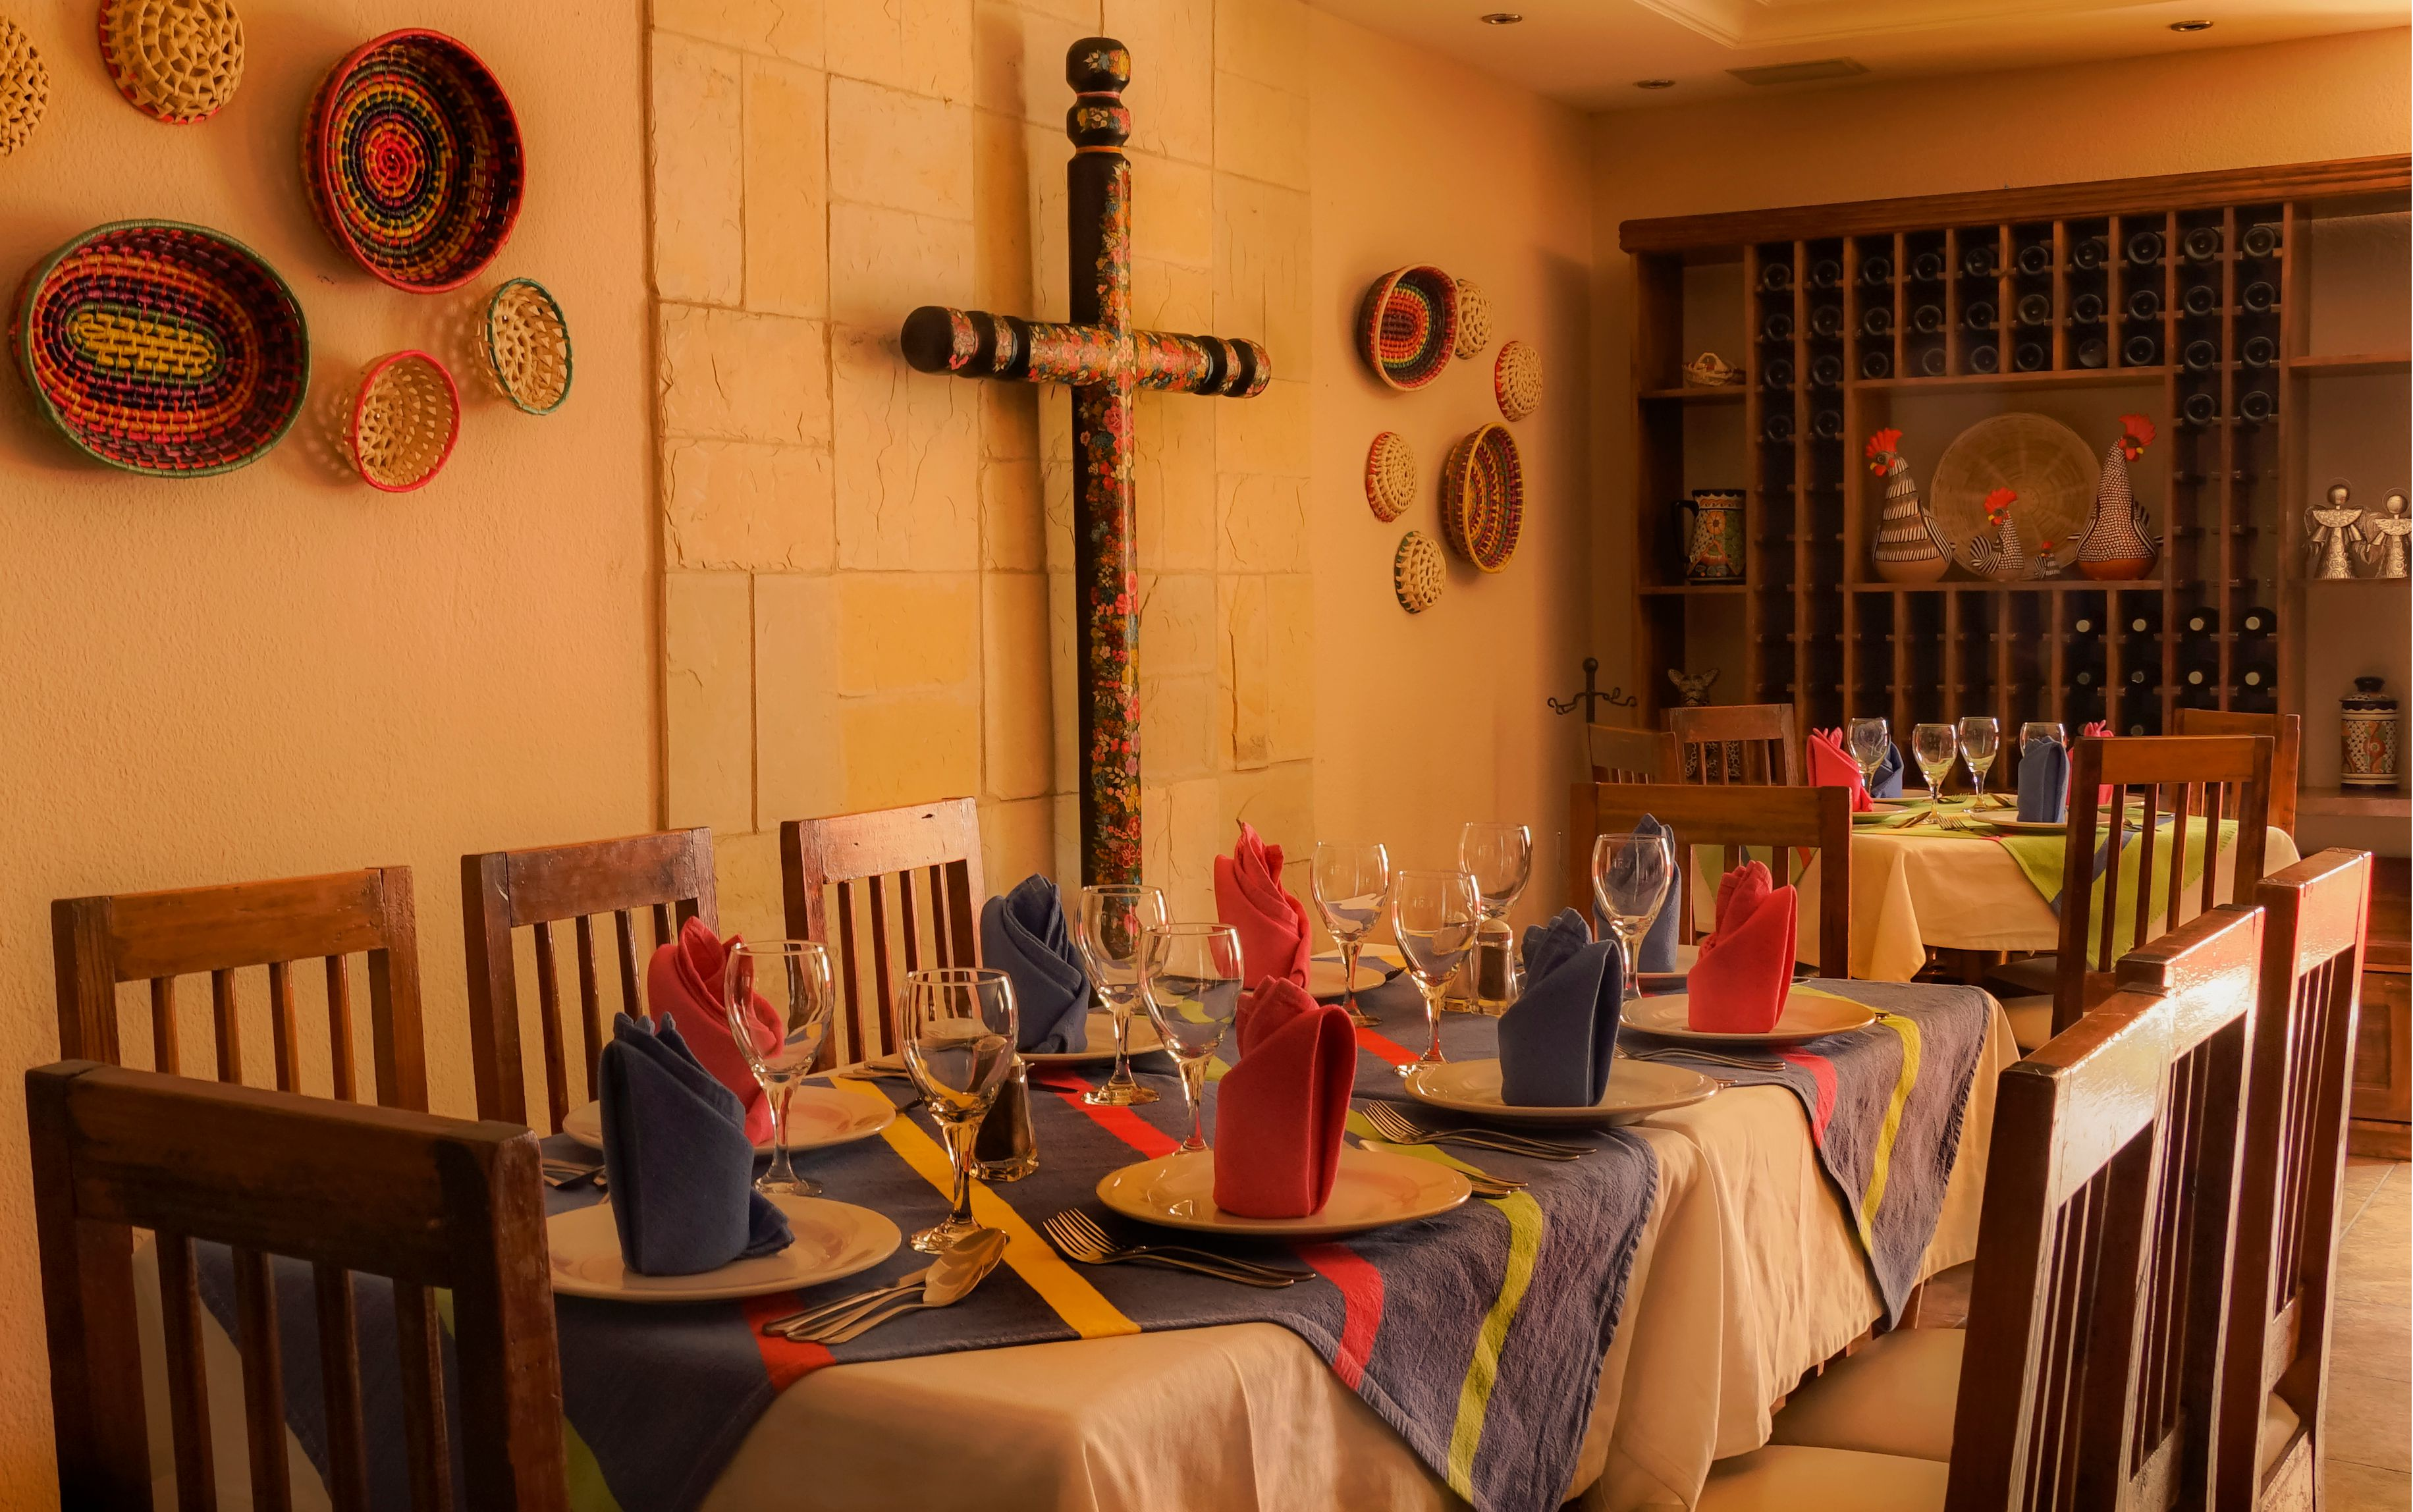 La Mechita Restaurant